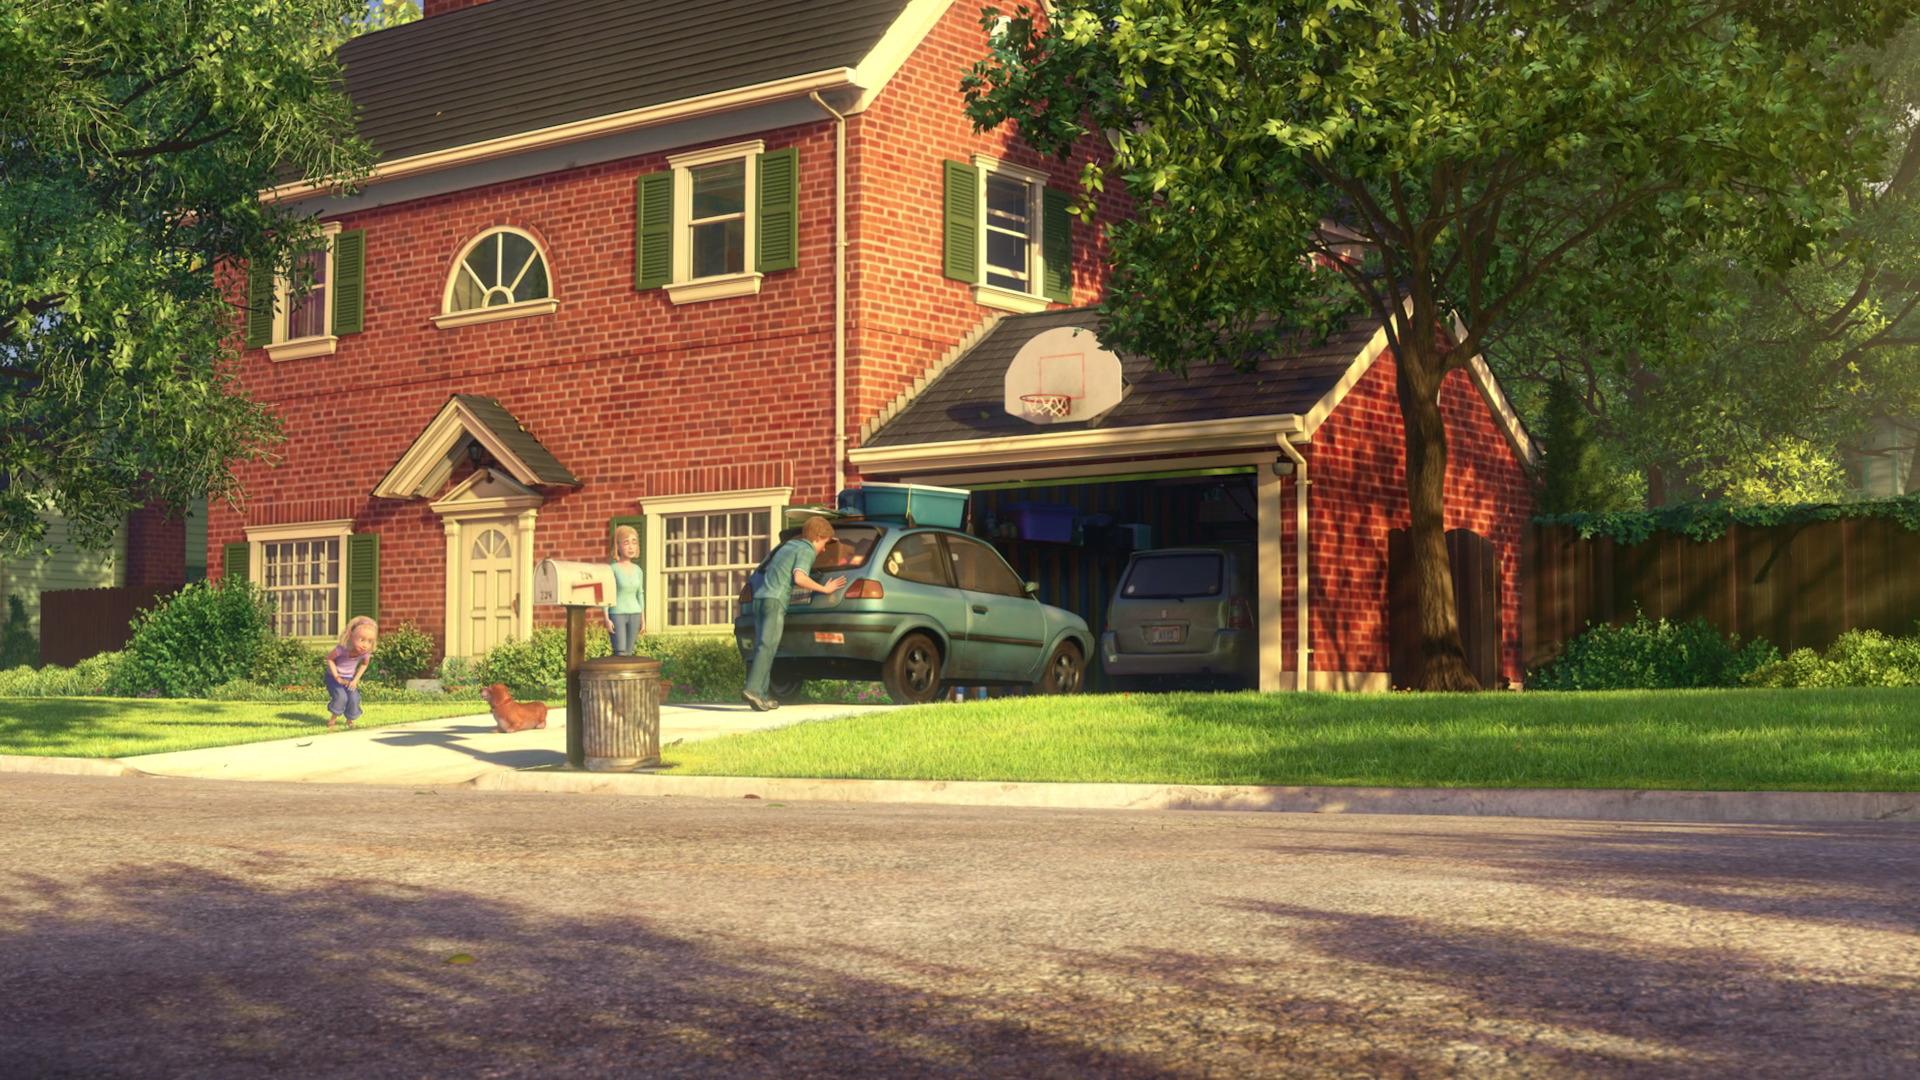 Image - AndysNewHouse3.jpg | Pixar Wiki | FANDOM Powered By Wikia